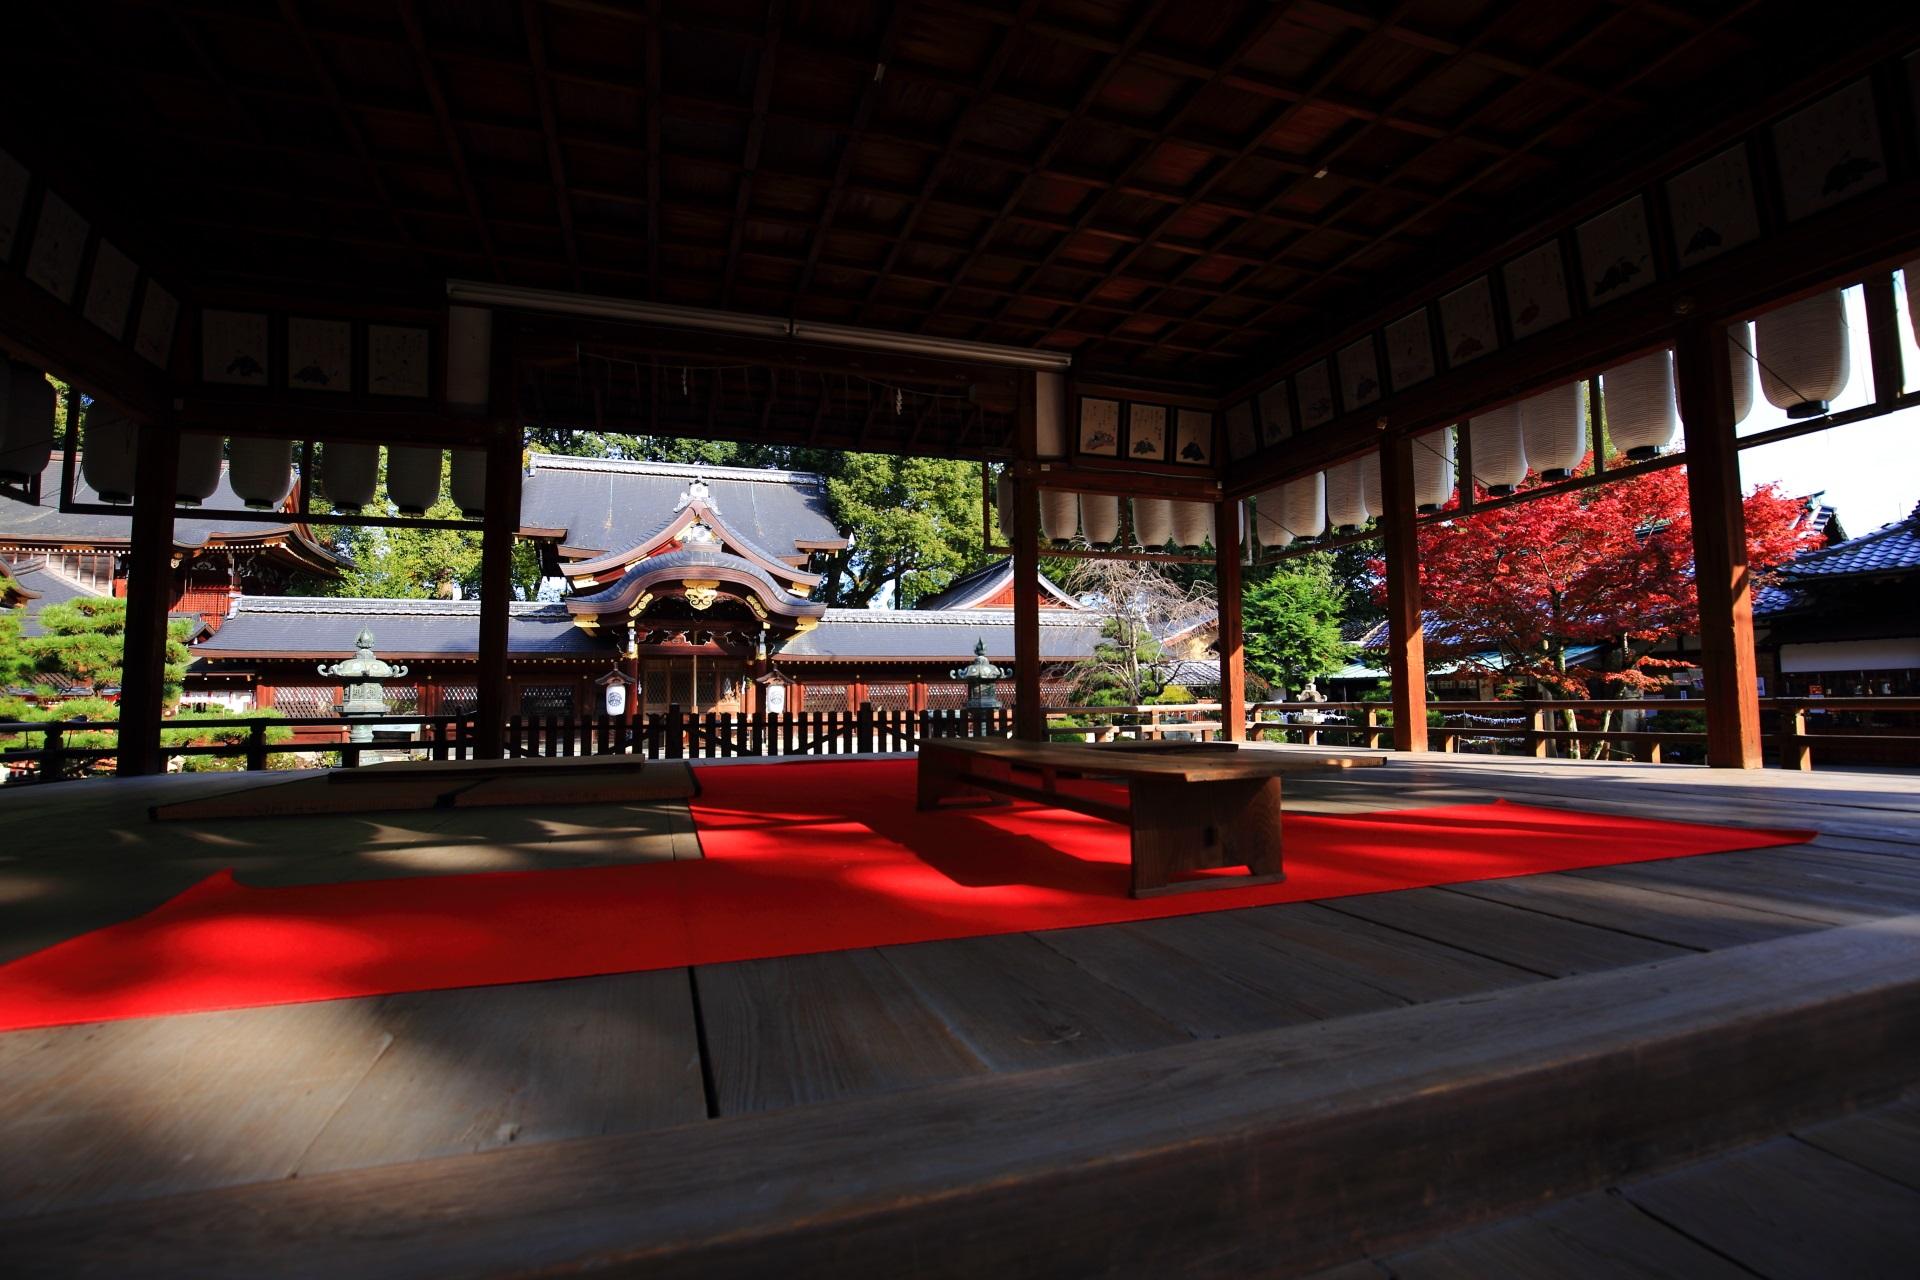 赤い絨毯が良い味を出す拝殿から眺めた本殿と紅葉